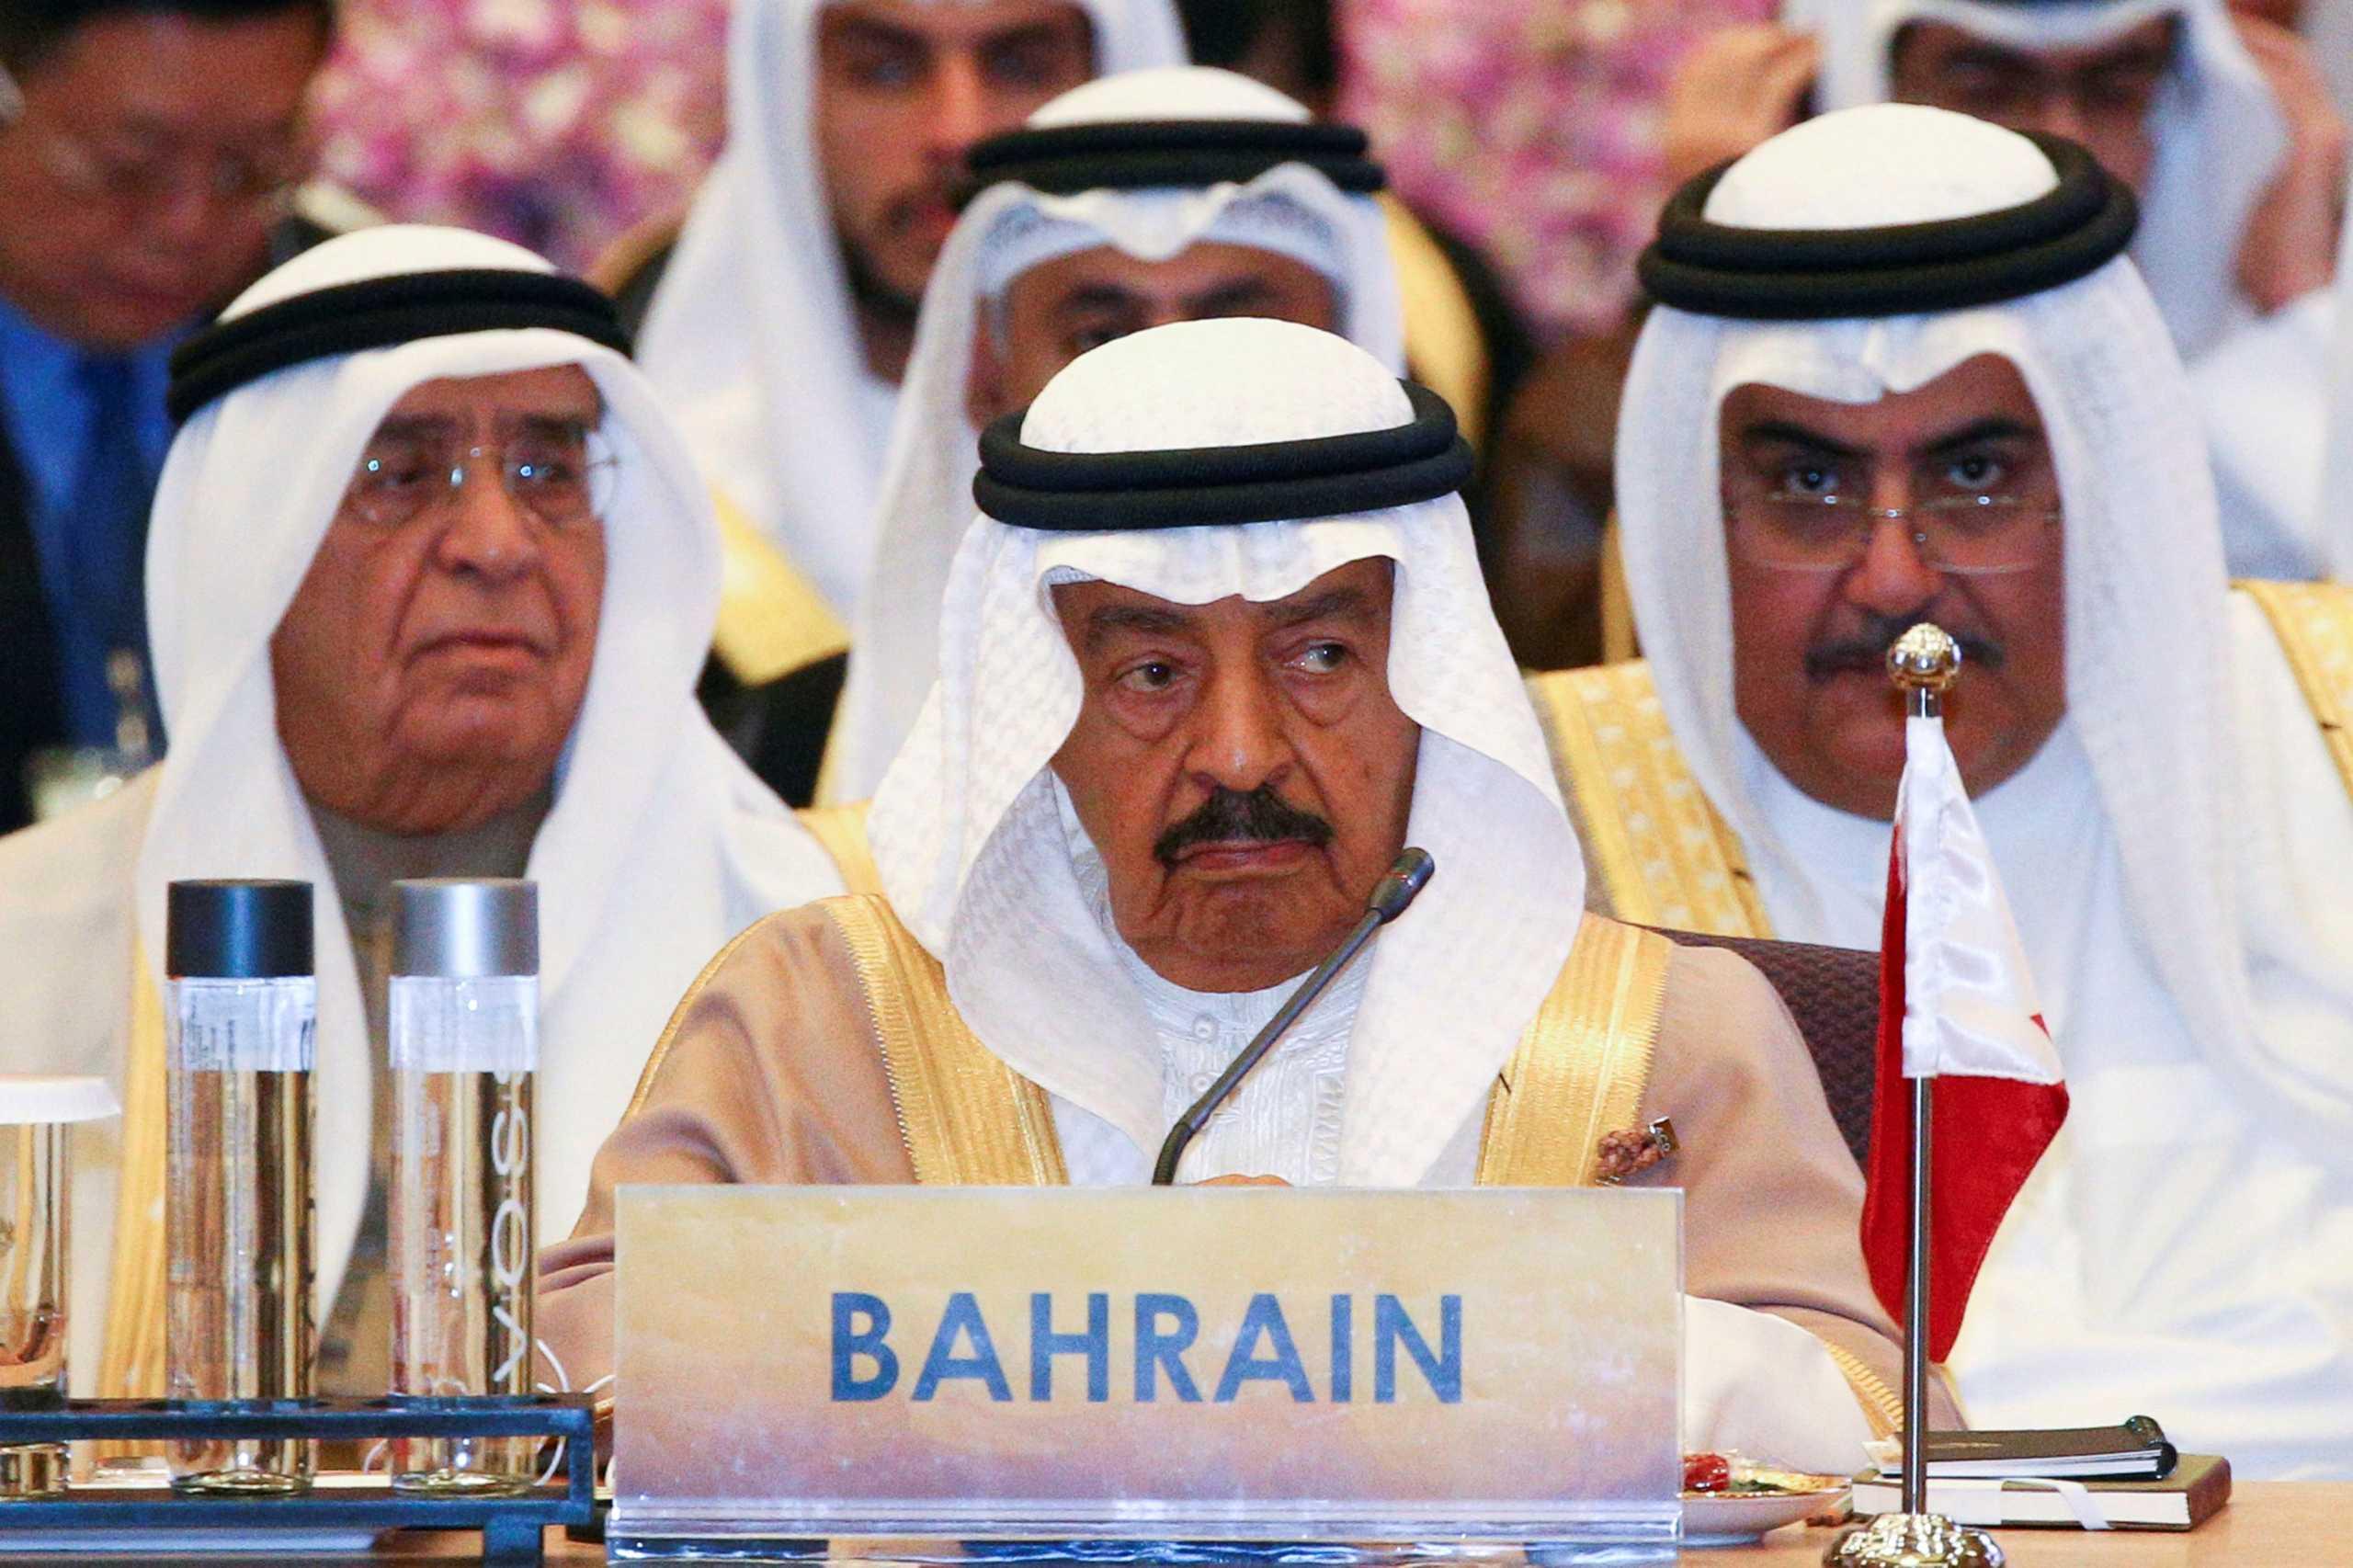 Μπαχρέιν: Πέθανε ο σεΐχης Χαλίφα – Οπαλαιότερος πρωθυπουργός στον κόσμο